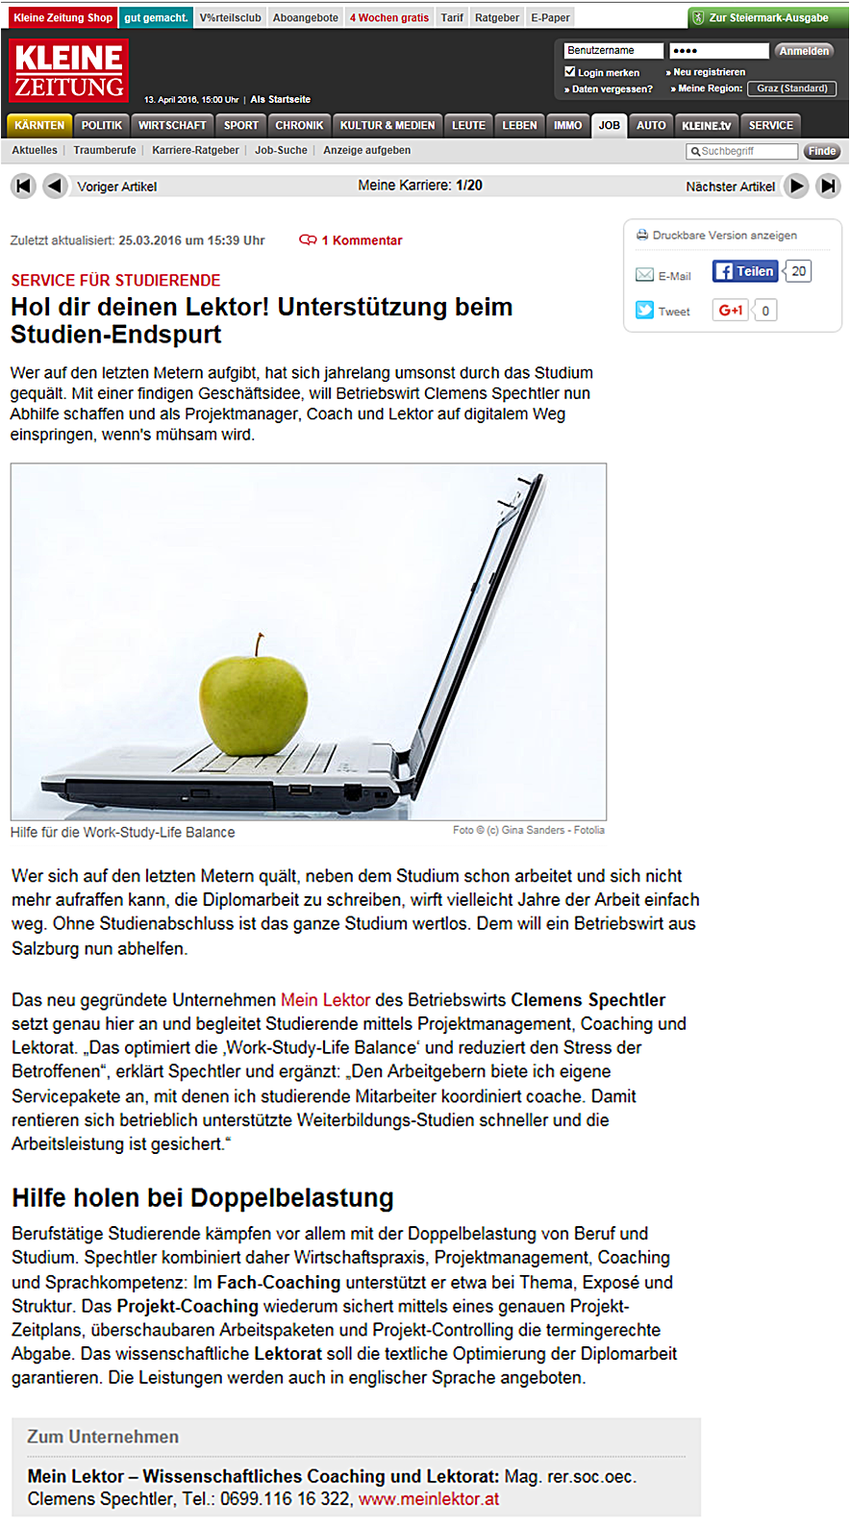 Kleine Zeitung Presse Mein Lektor